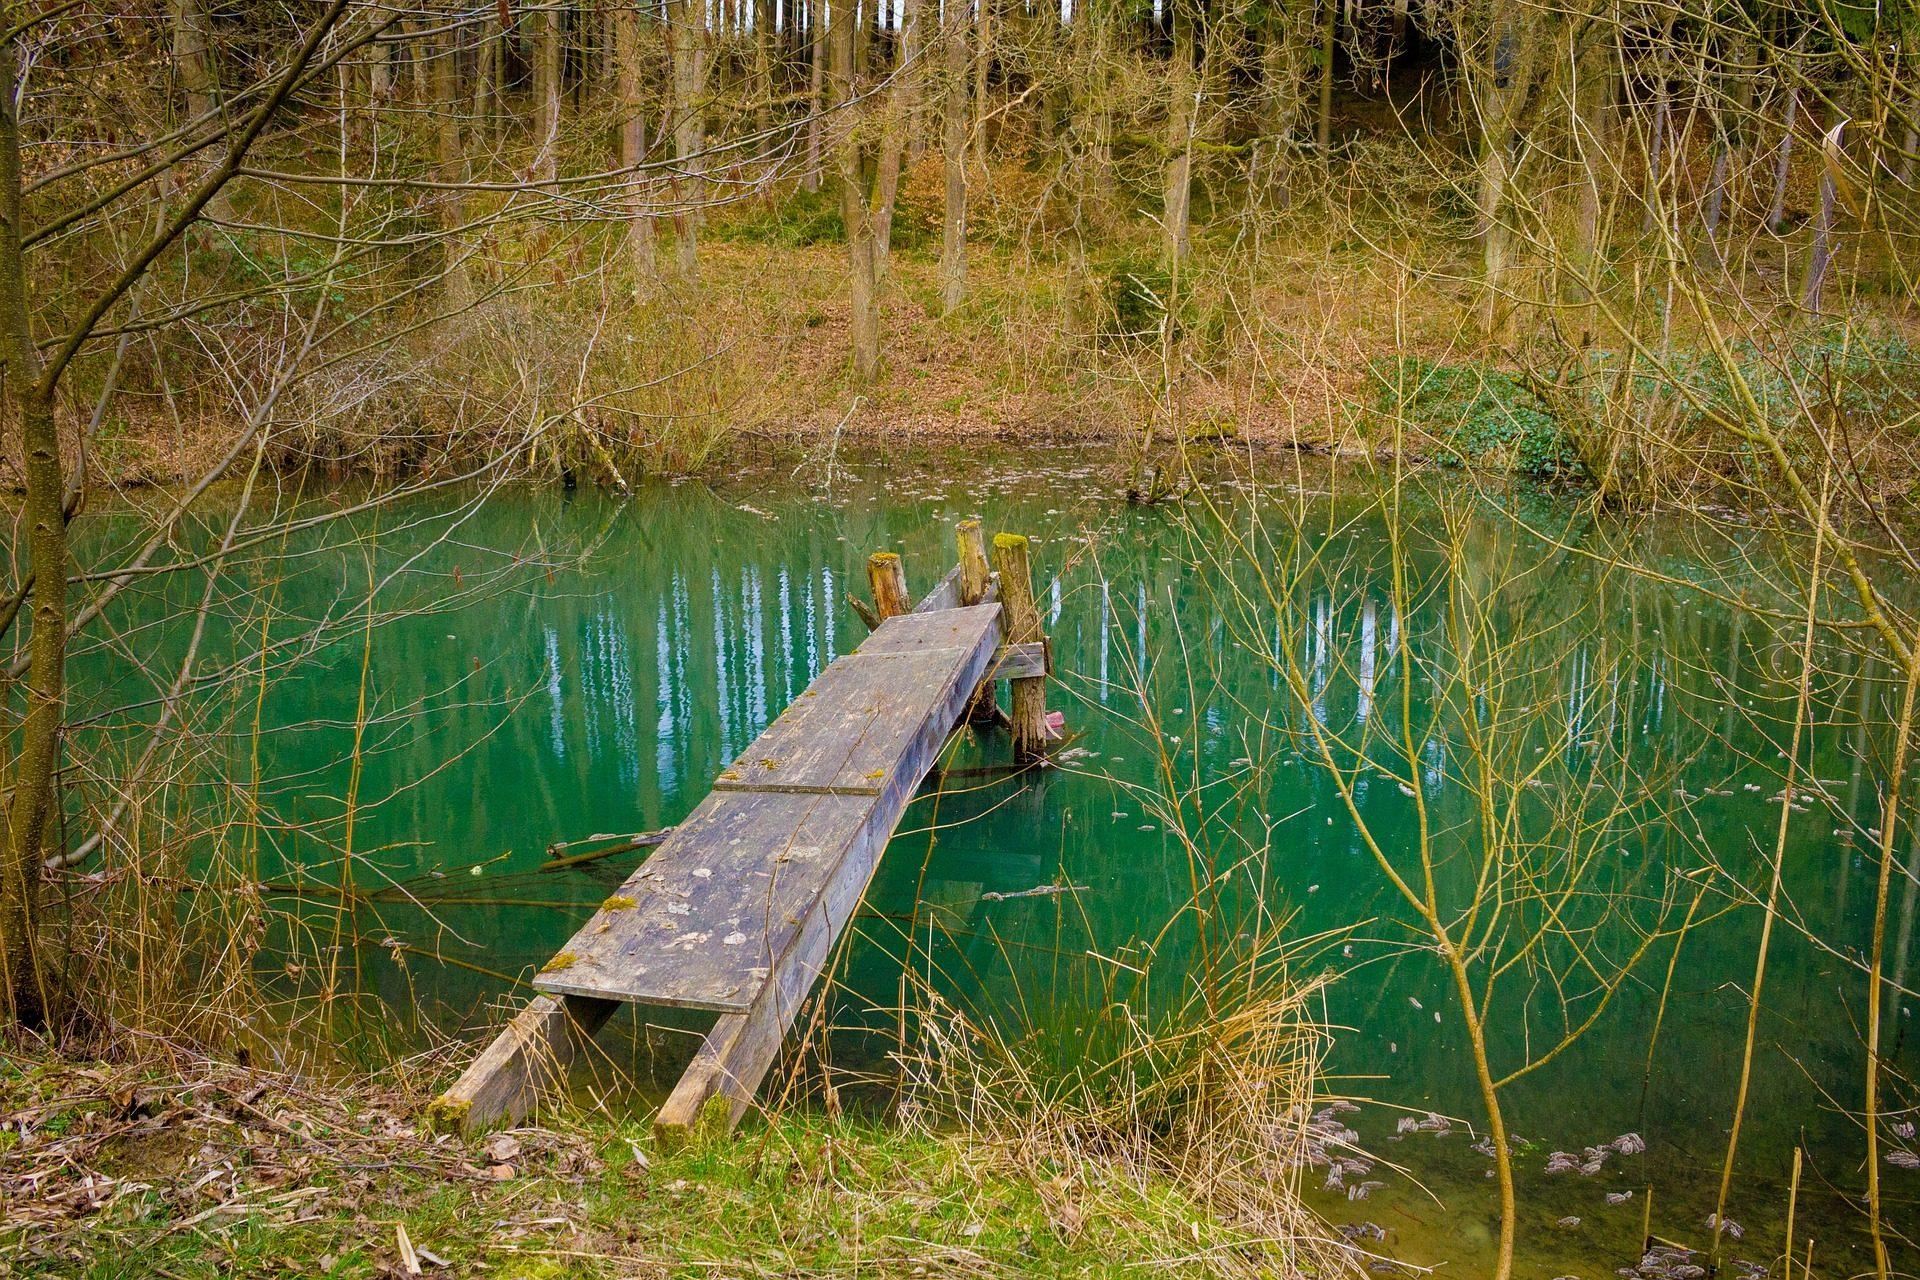 Lago, charca, Floresta, quebrado, sujo, abandonado - Papéis de parede HD - Professor-falken.com